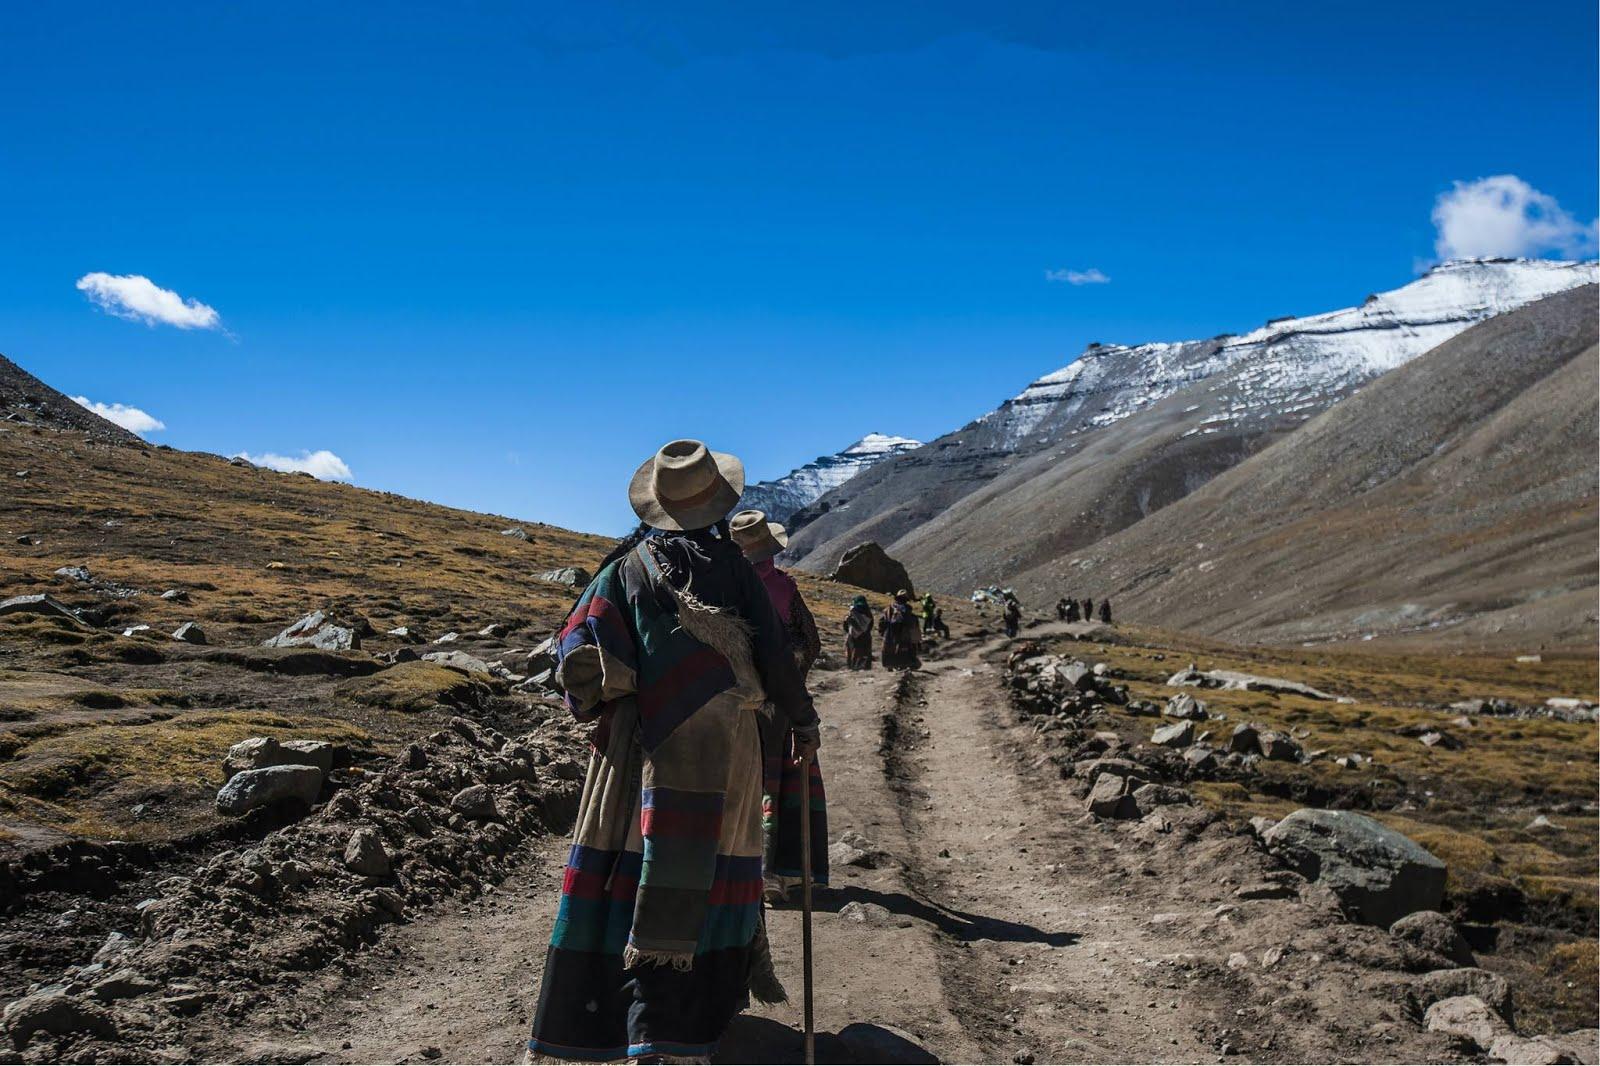 Trek from Darchen to Kailash.